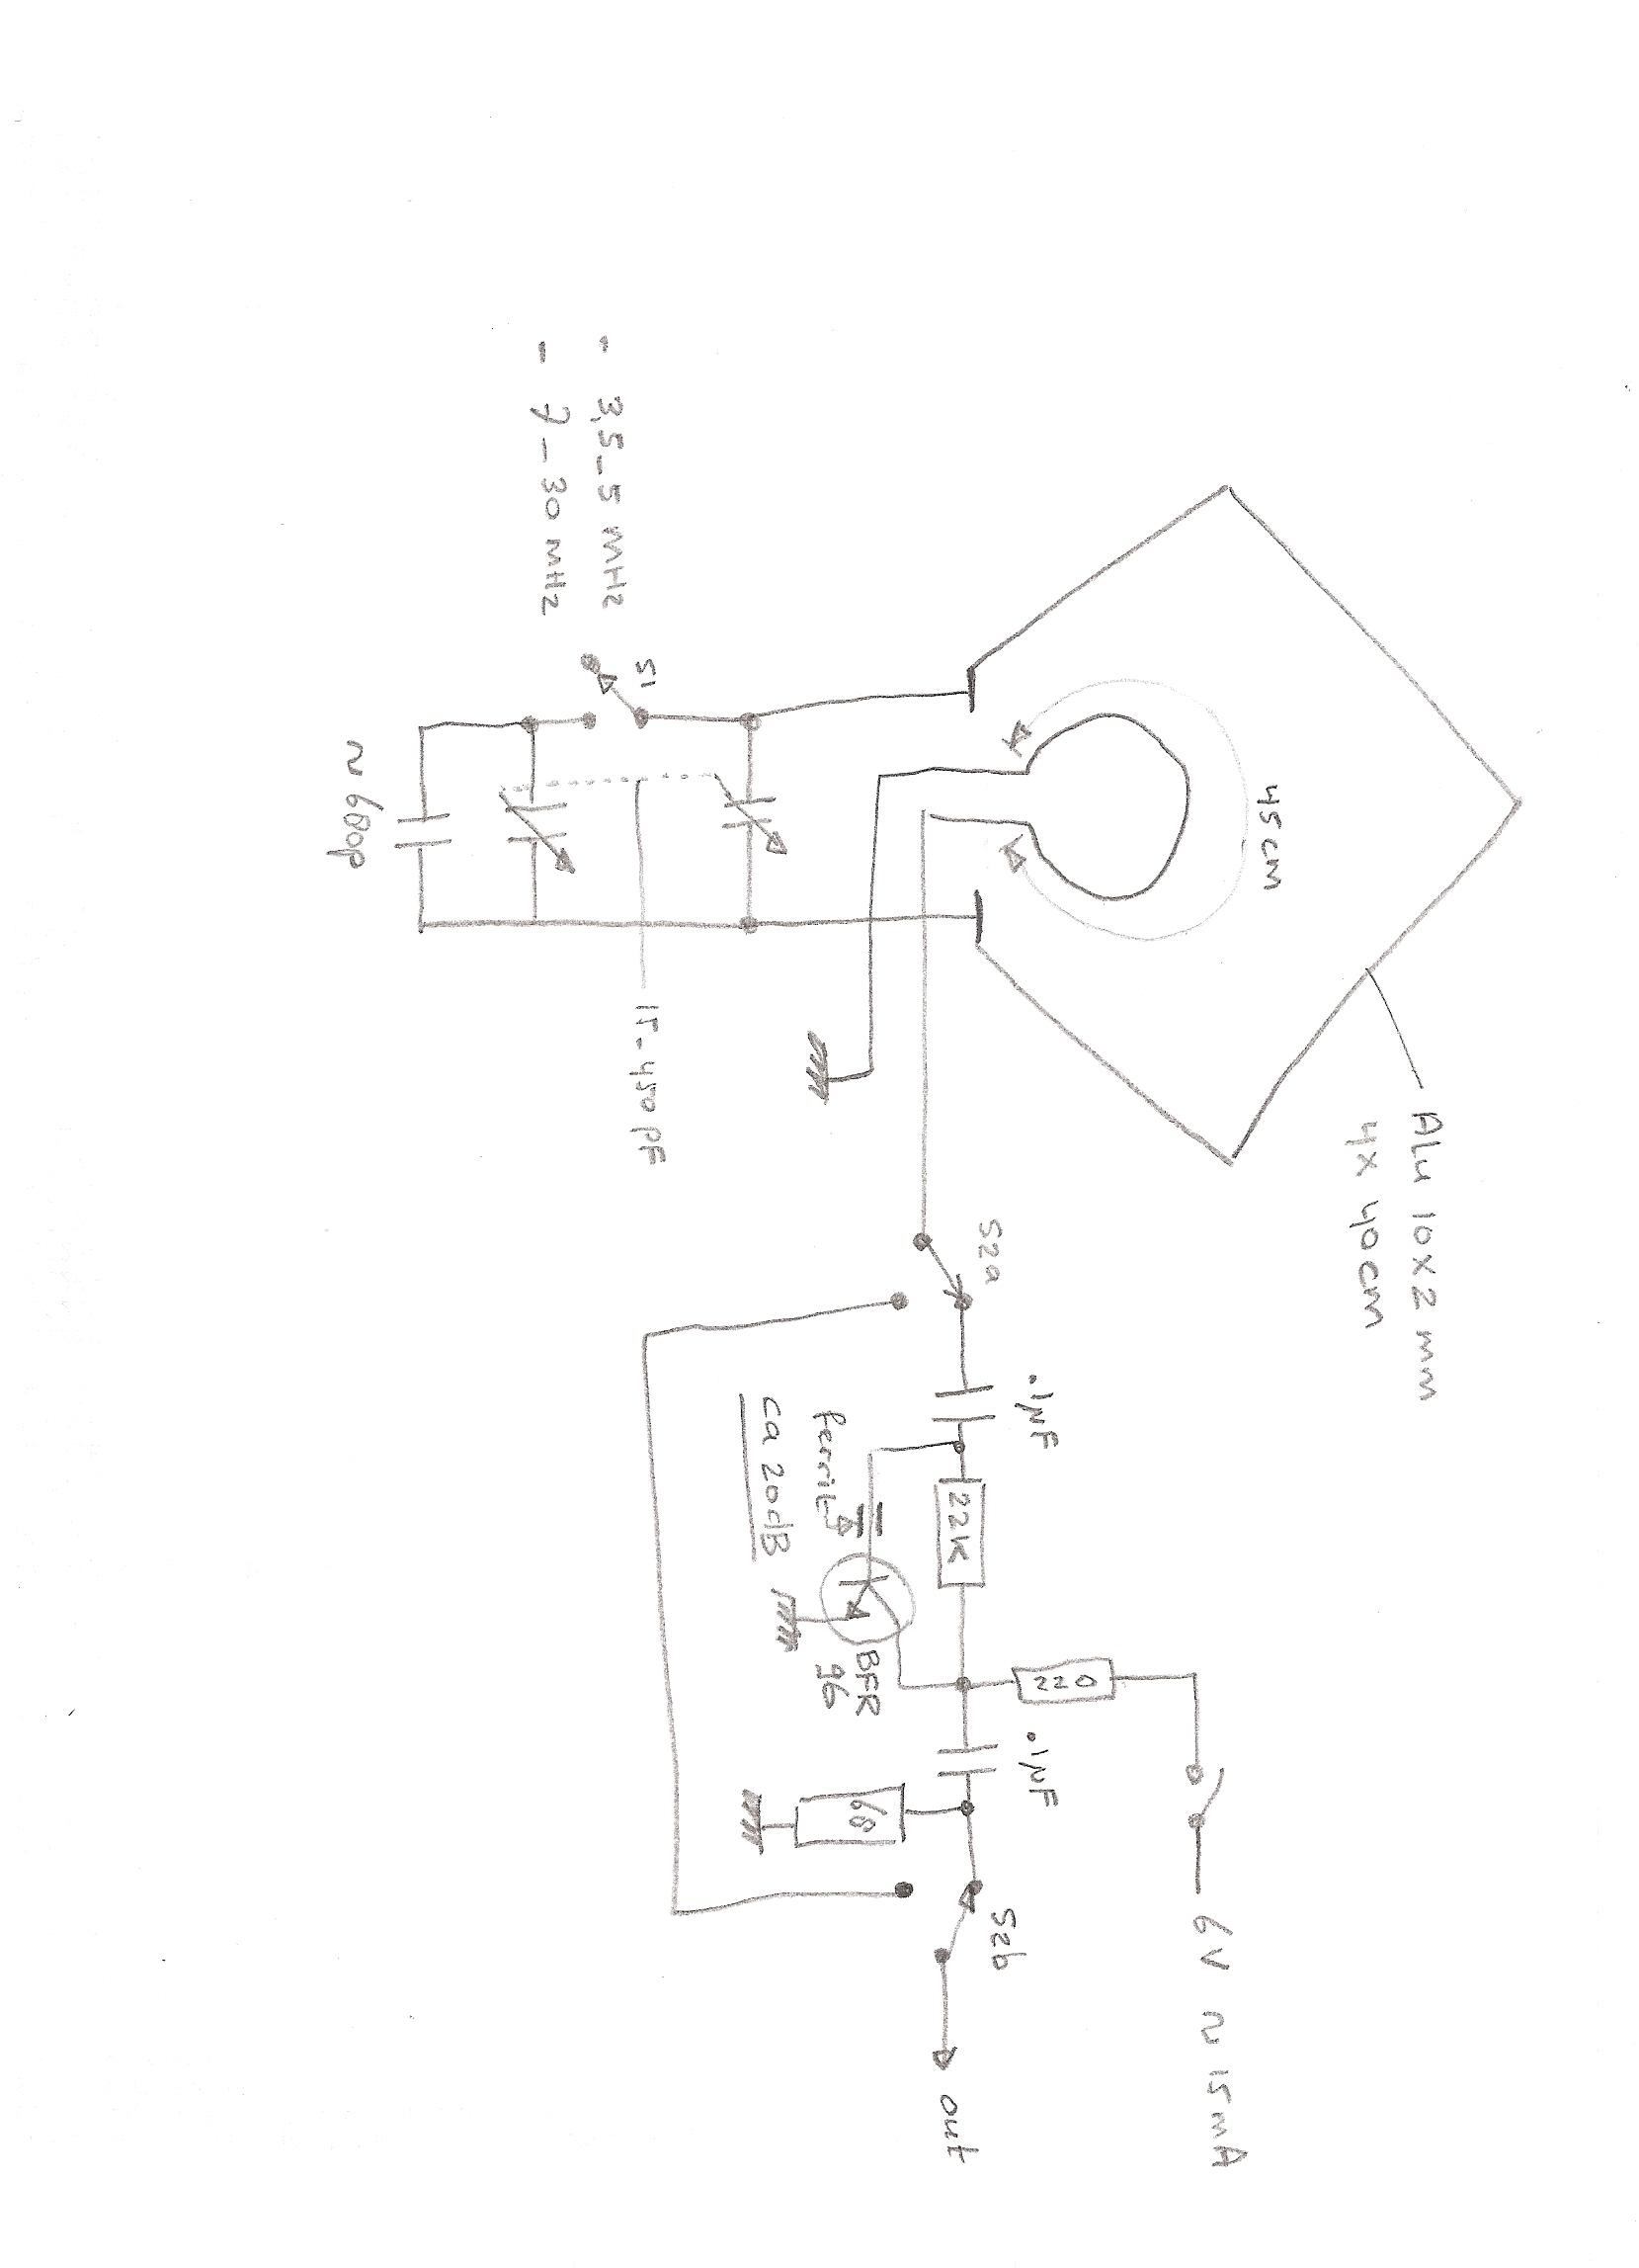 magnetic loop antenna  u2013 pa u00f8rwe